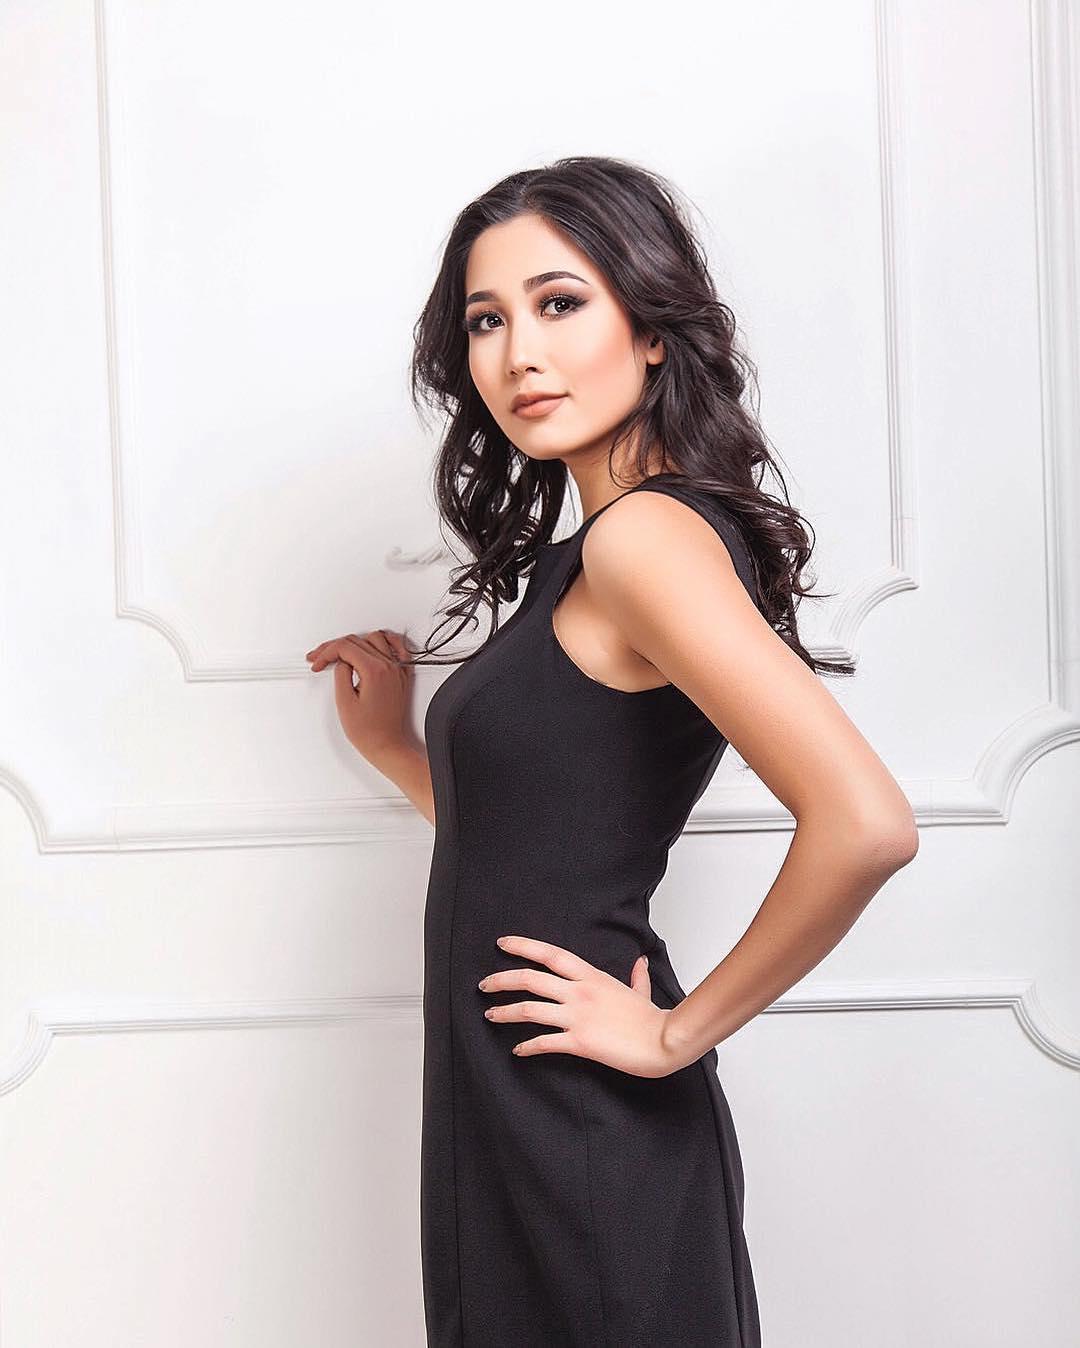 казахстанские звездные концертные платья фото пошаговые